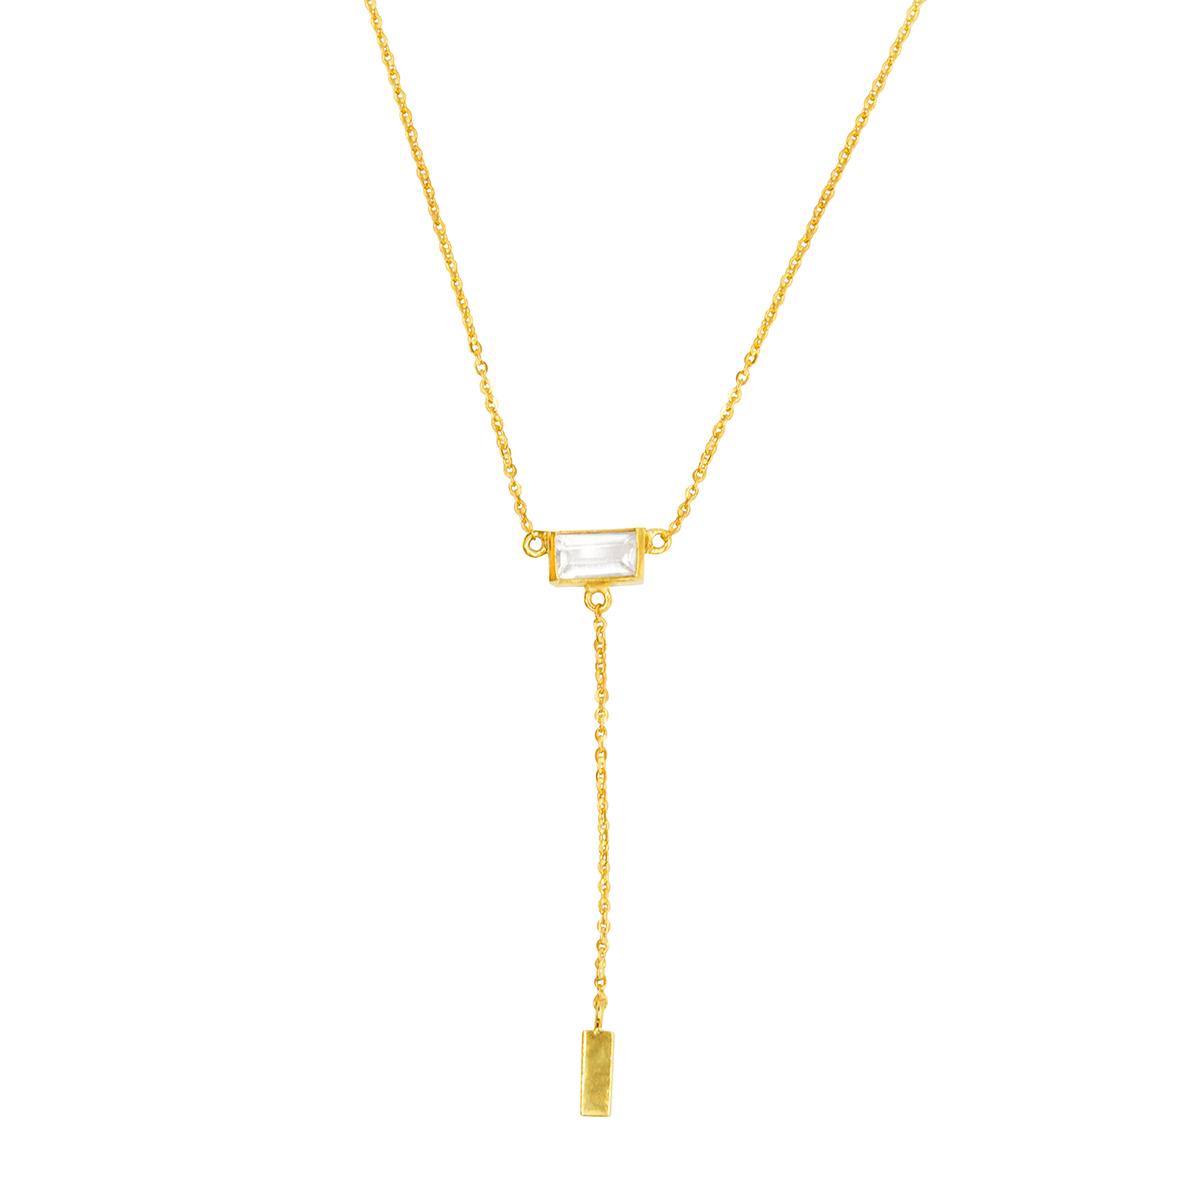 Collar Aurora plata bañada en oro 22 quilates y cuarzo blanco